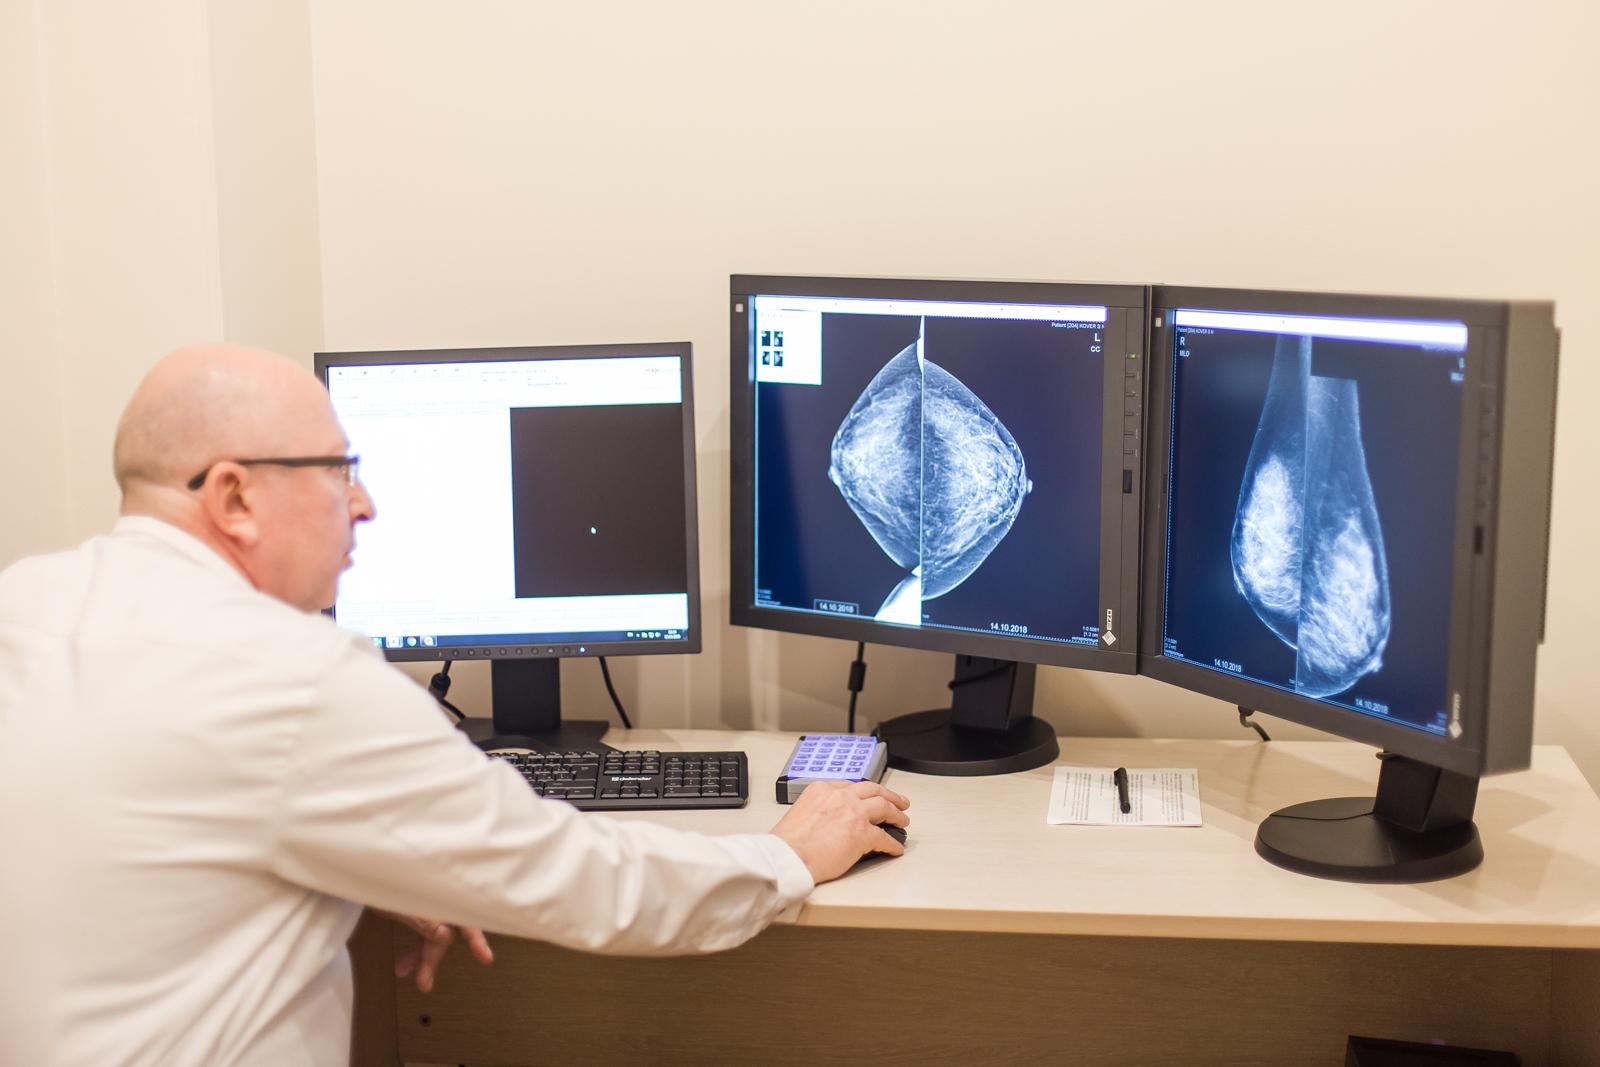 Маммография или мрт молочных желез: сравнение и какой метод лучше